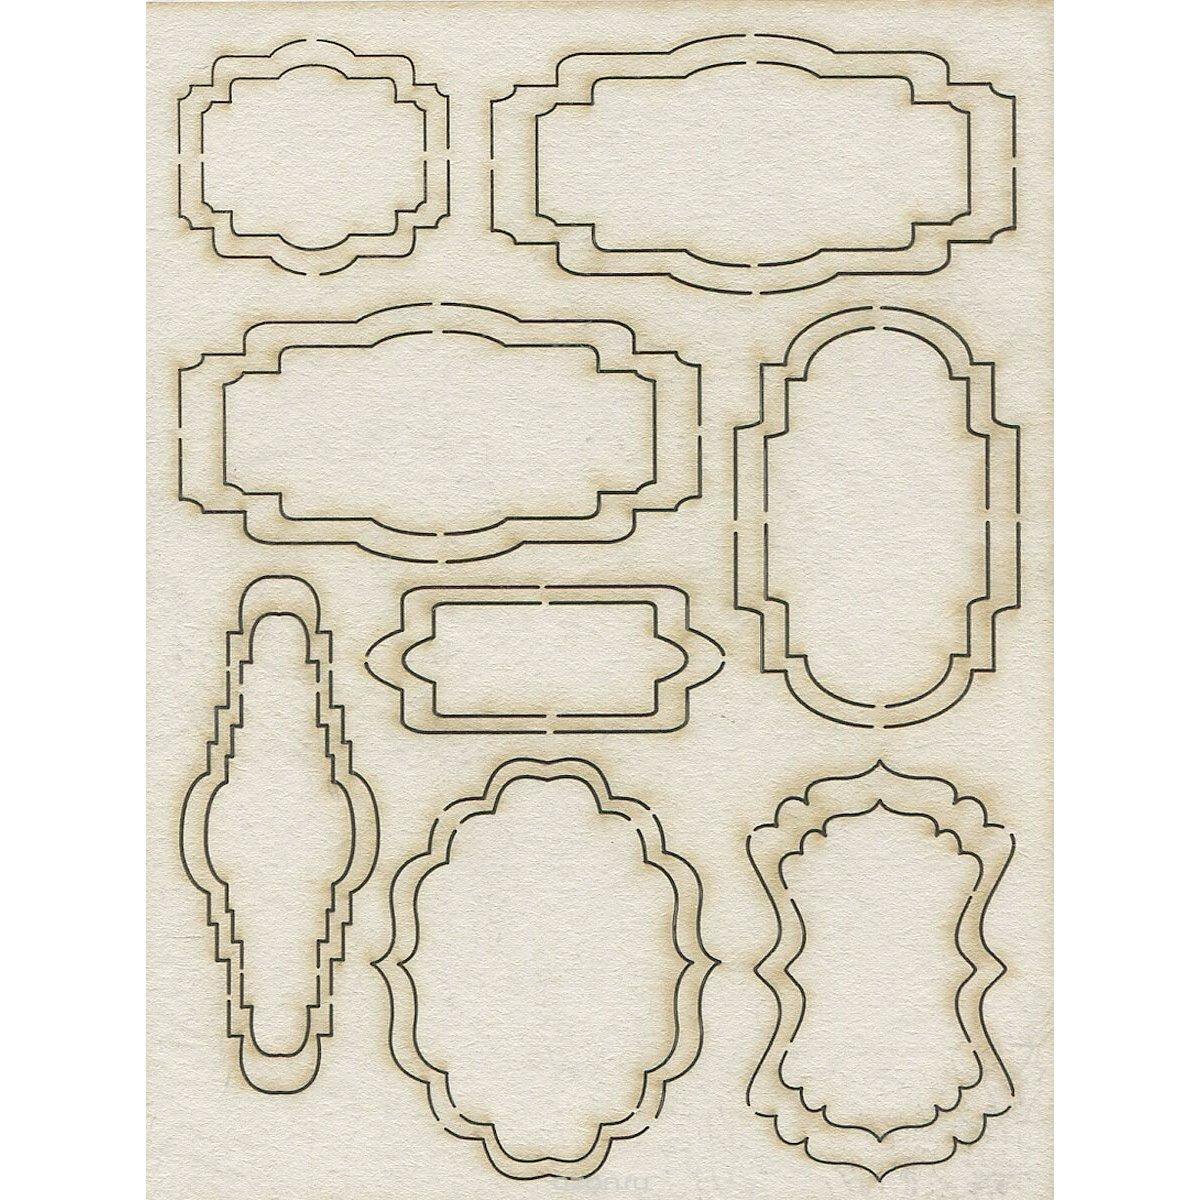 Фигурная рамка для открытки, джефф